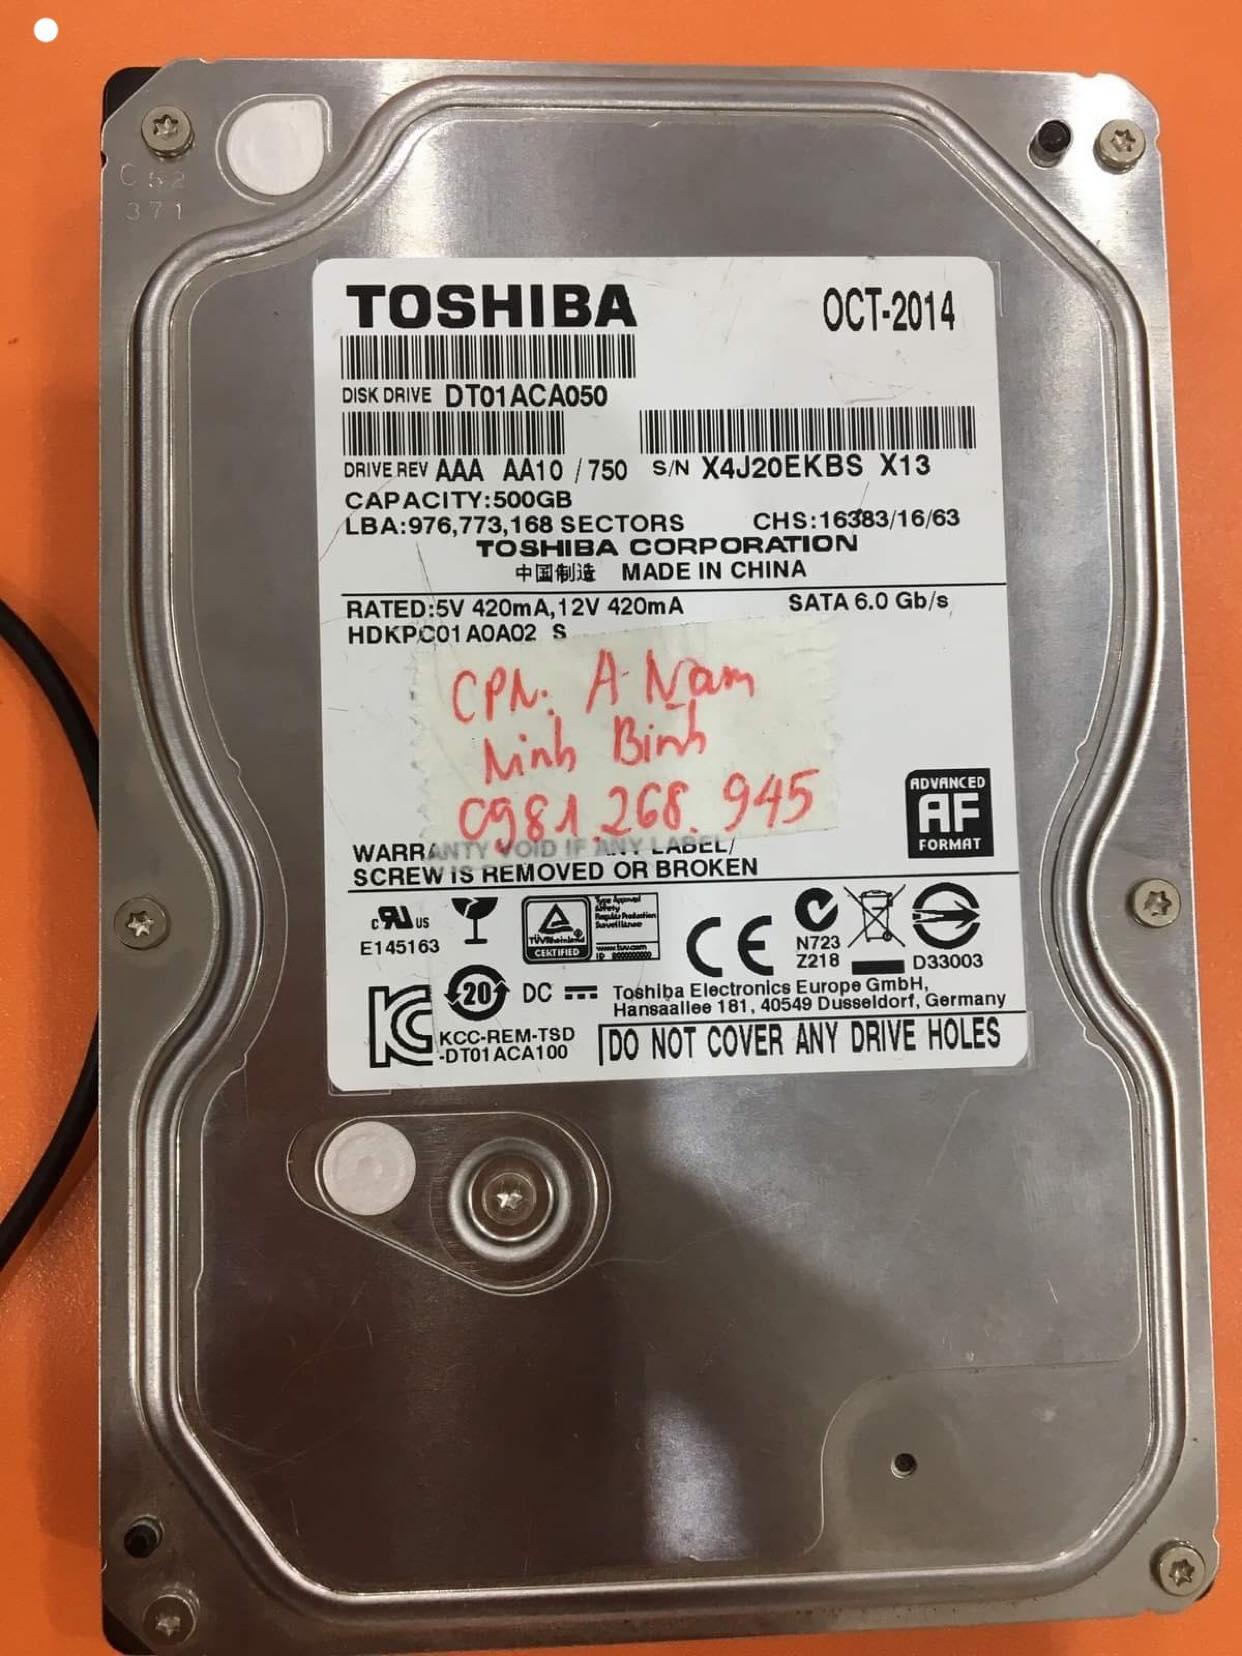 Phục hồi dữ liệu ổ cứng Toshiba 500GB không nhận tại Ninh Bình 12/06/2019 - cuumaytinh